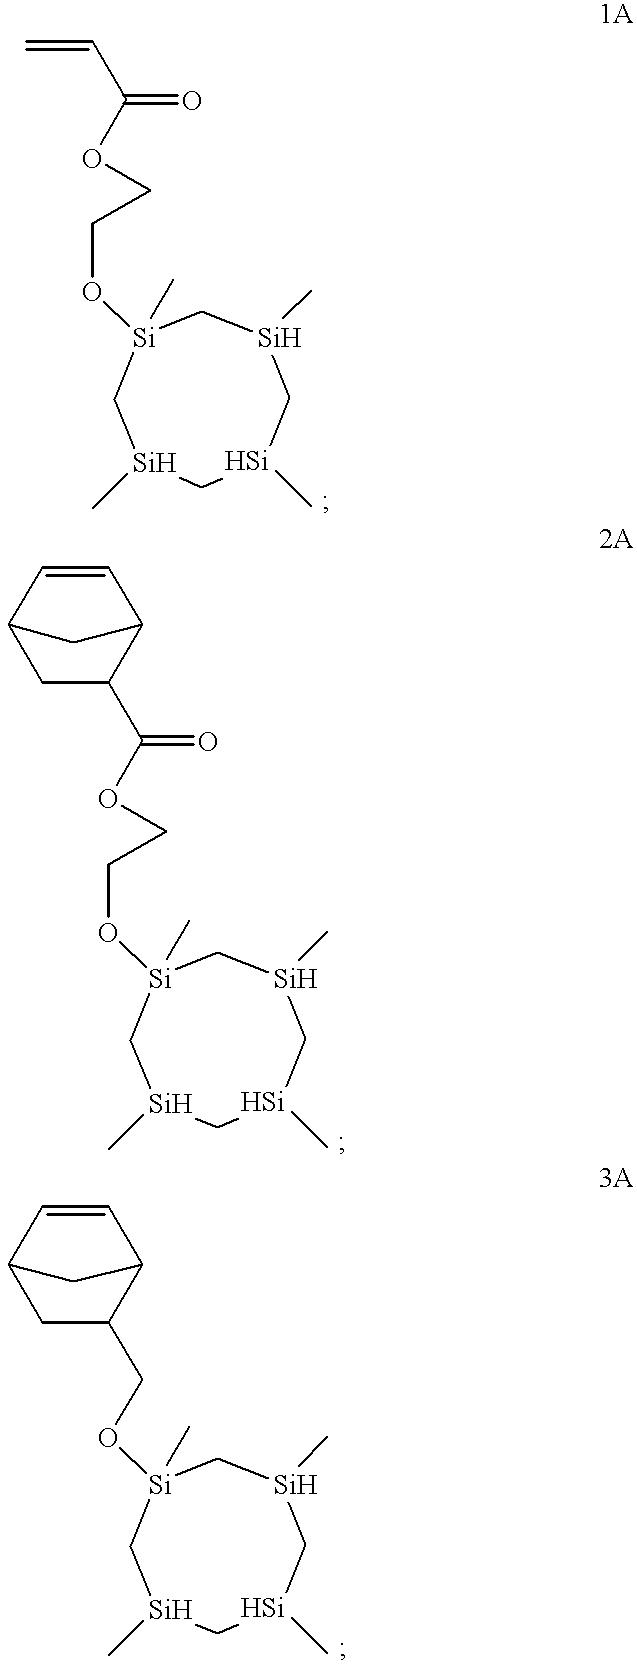 Figure US20020028406A1-20020307-C00006